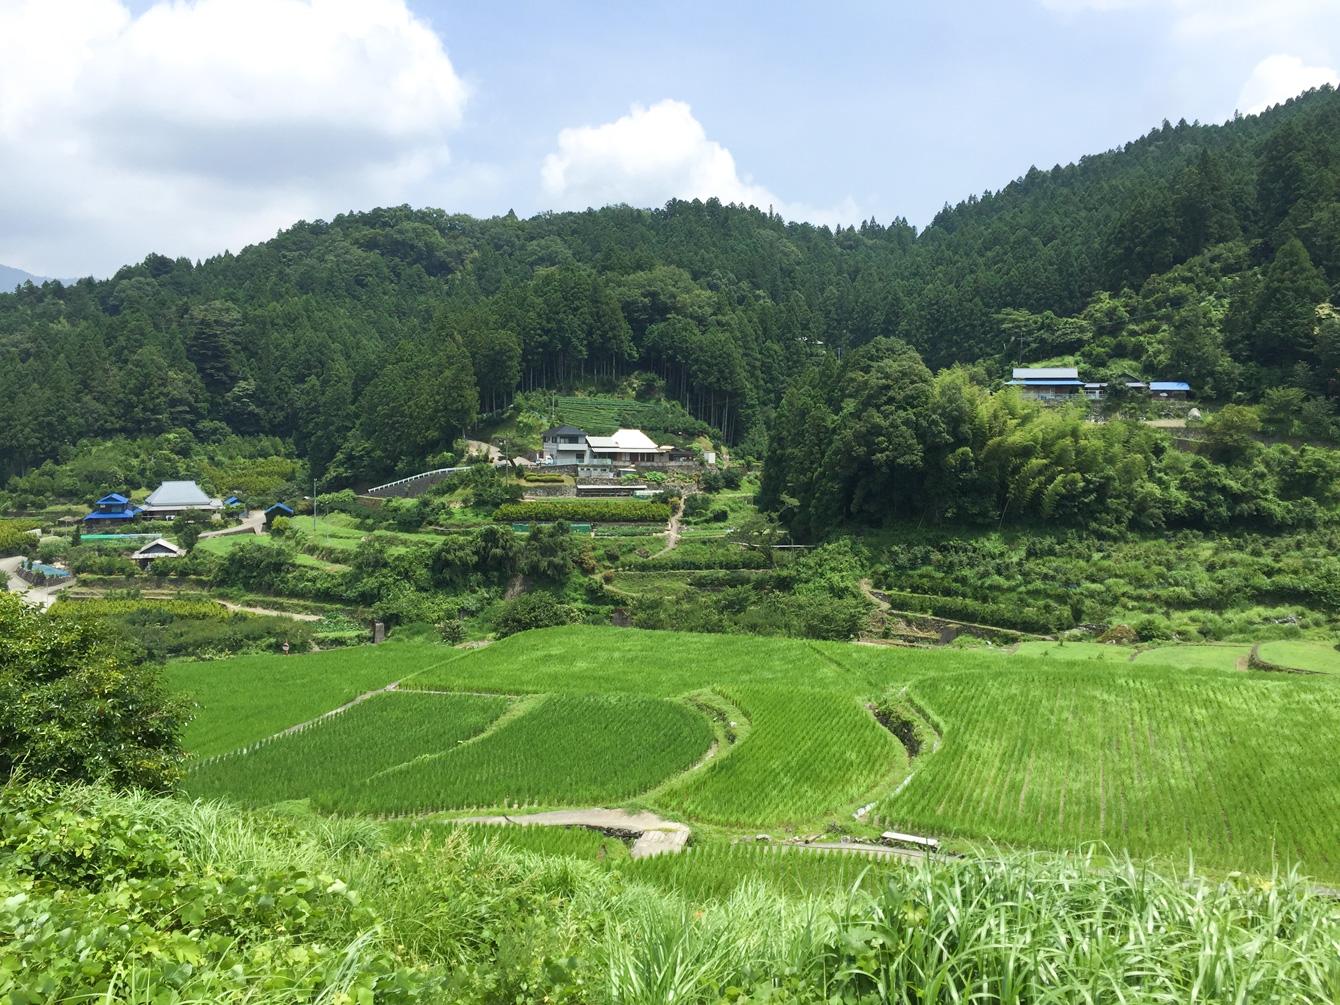 神山町江田地区の棚田の風景。